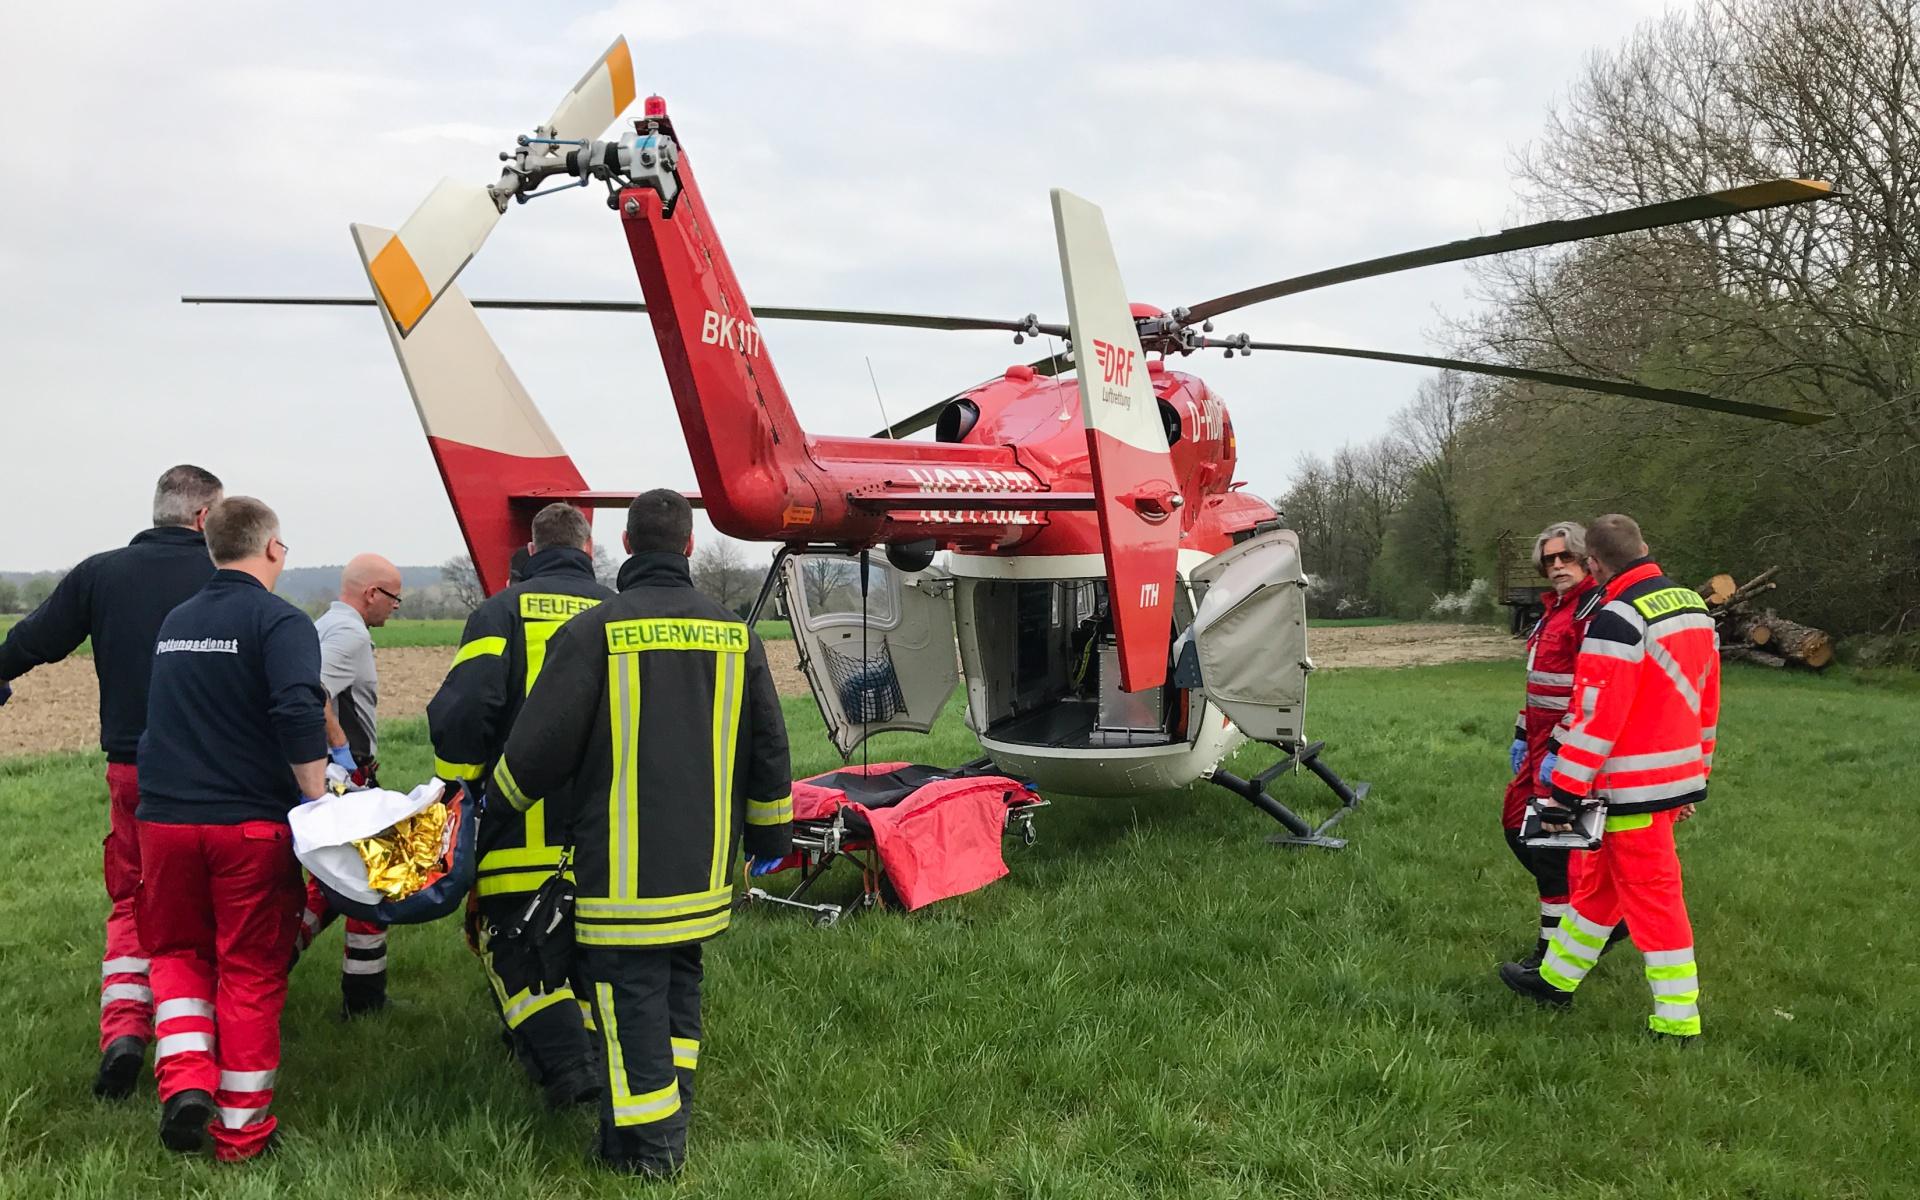 Der Hubschrauber bringt den Notarzt und den Rettungsassistenten unschlagbar schnell zum Einsatzort. Auch wenn beim Transport des Patienten jede Minute zählt, hilft die Luftrettung wertvolle Zeit sparen.